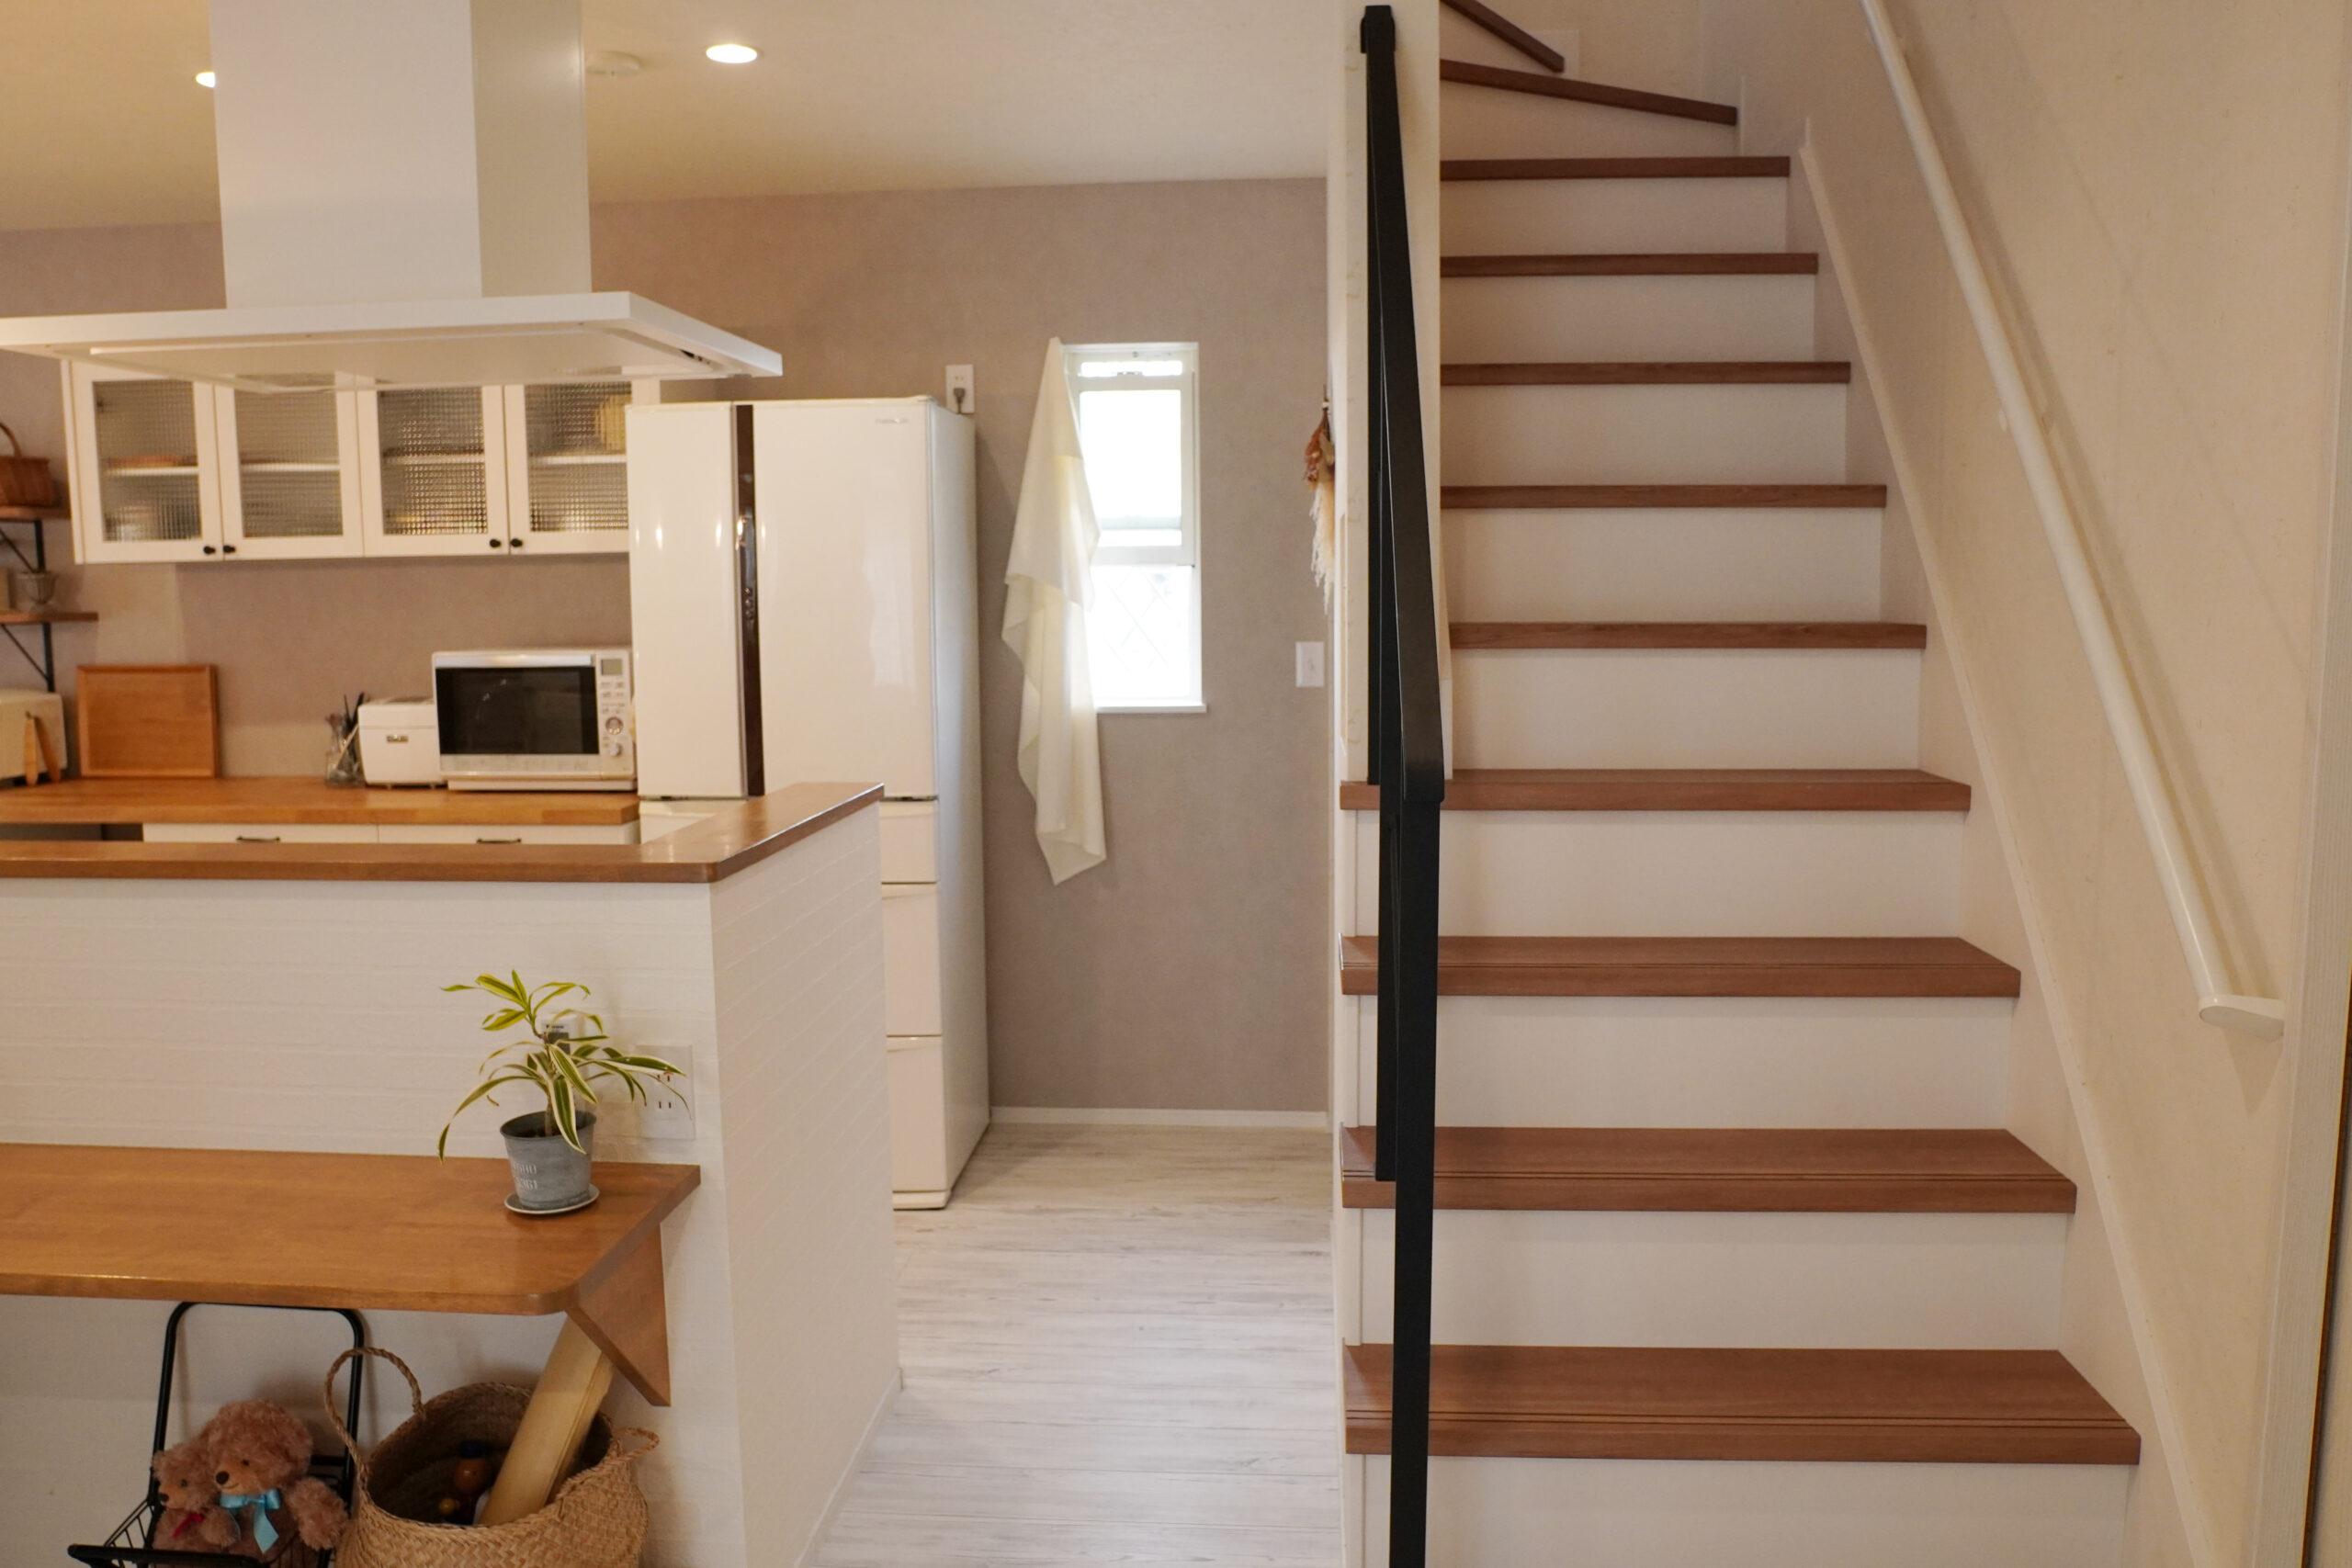 リビング階段を採用。家族が自然と顔を合わせる設計。木目の踏み板とアイアンの組み合わせがおしゃれ。